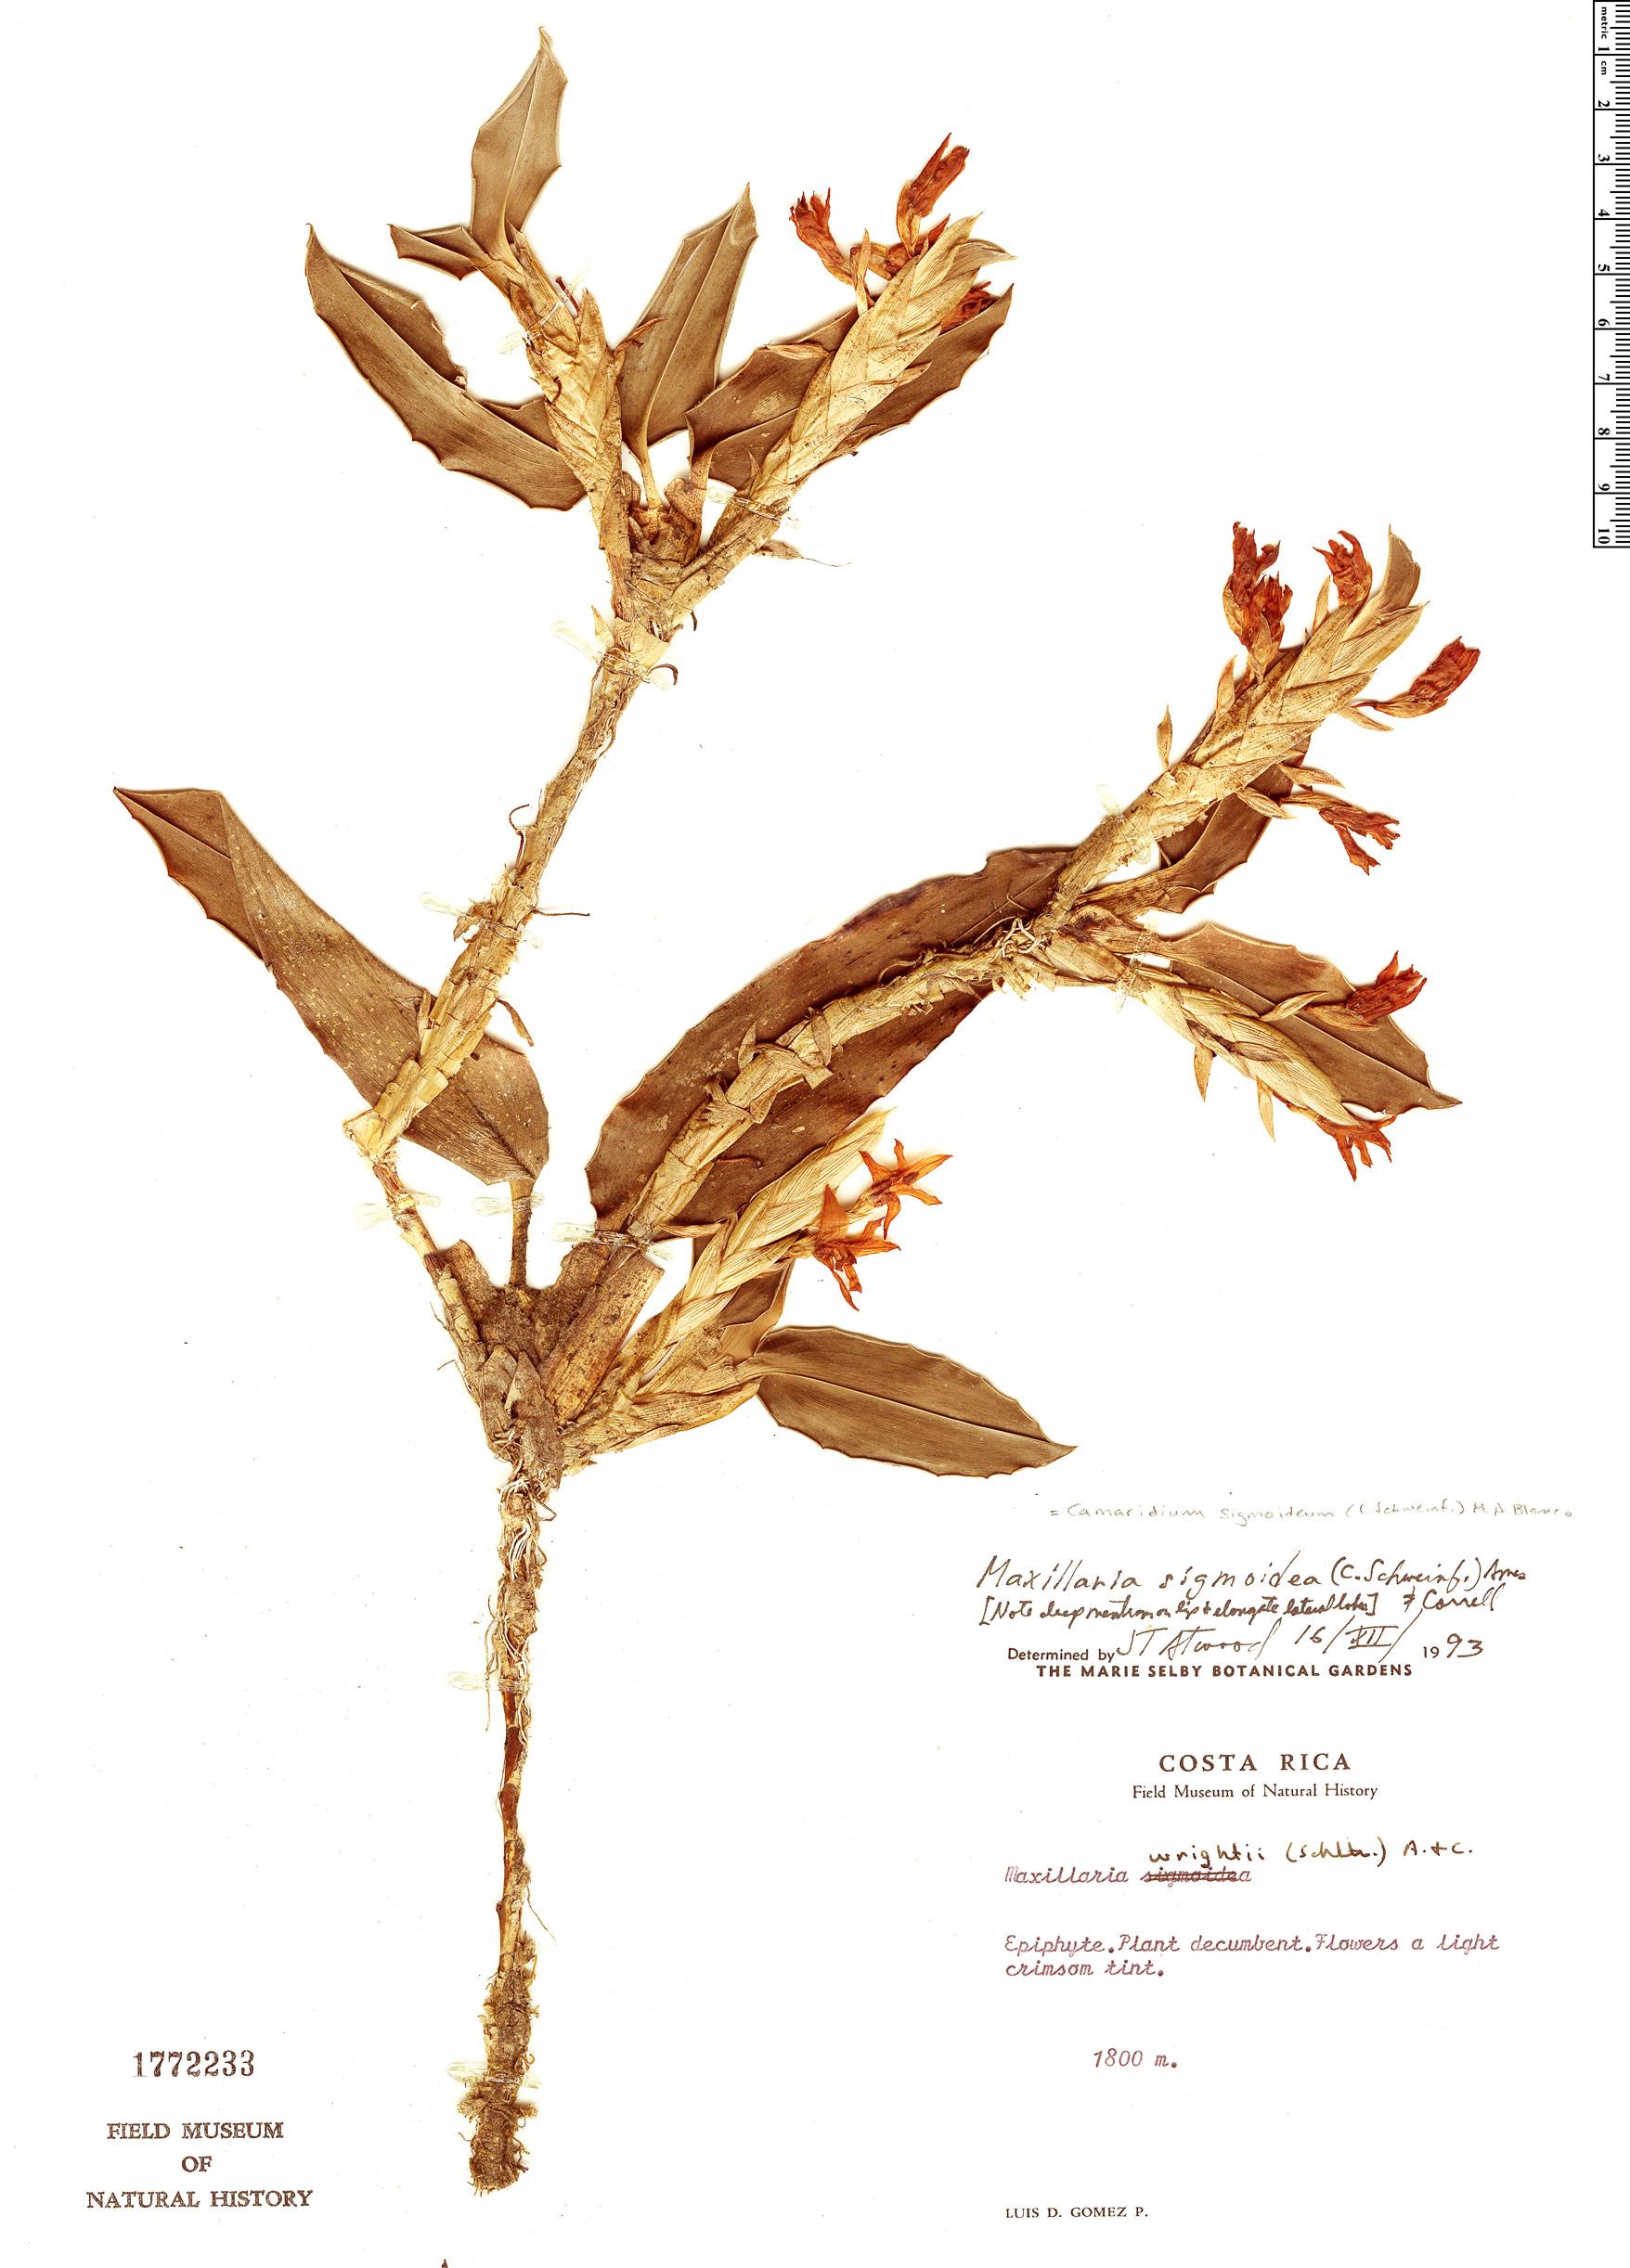 Specimen: Maxillaria sigmoidea